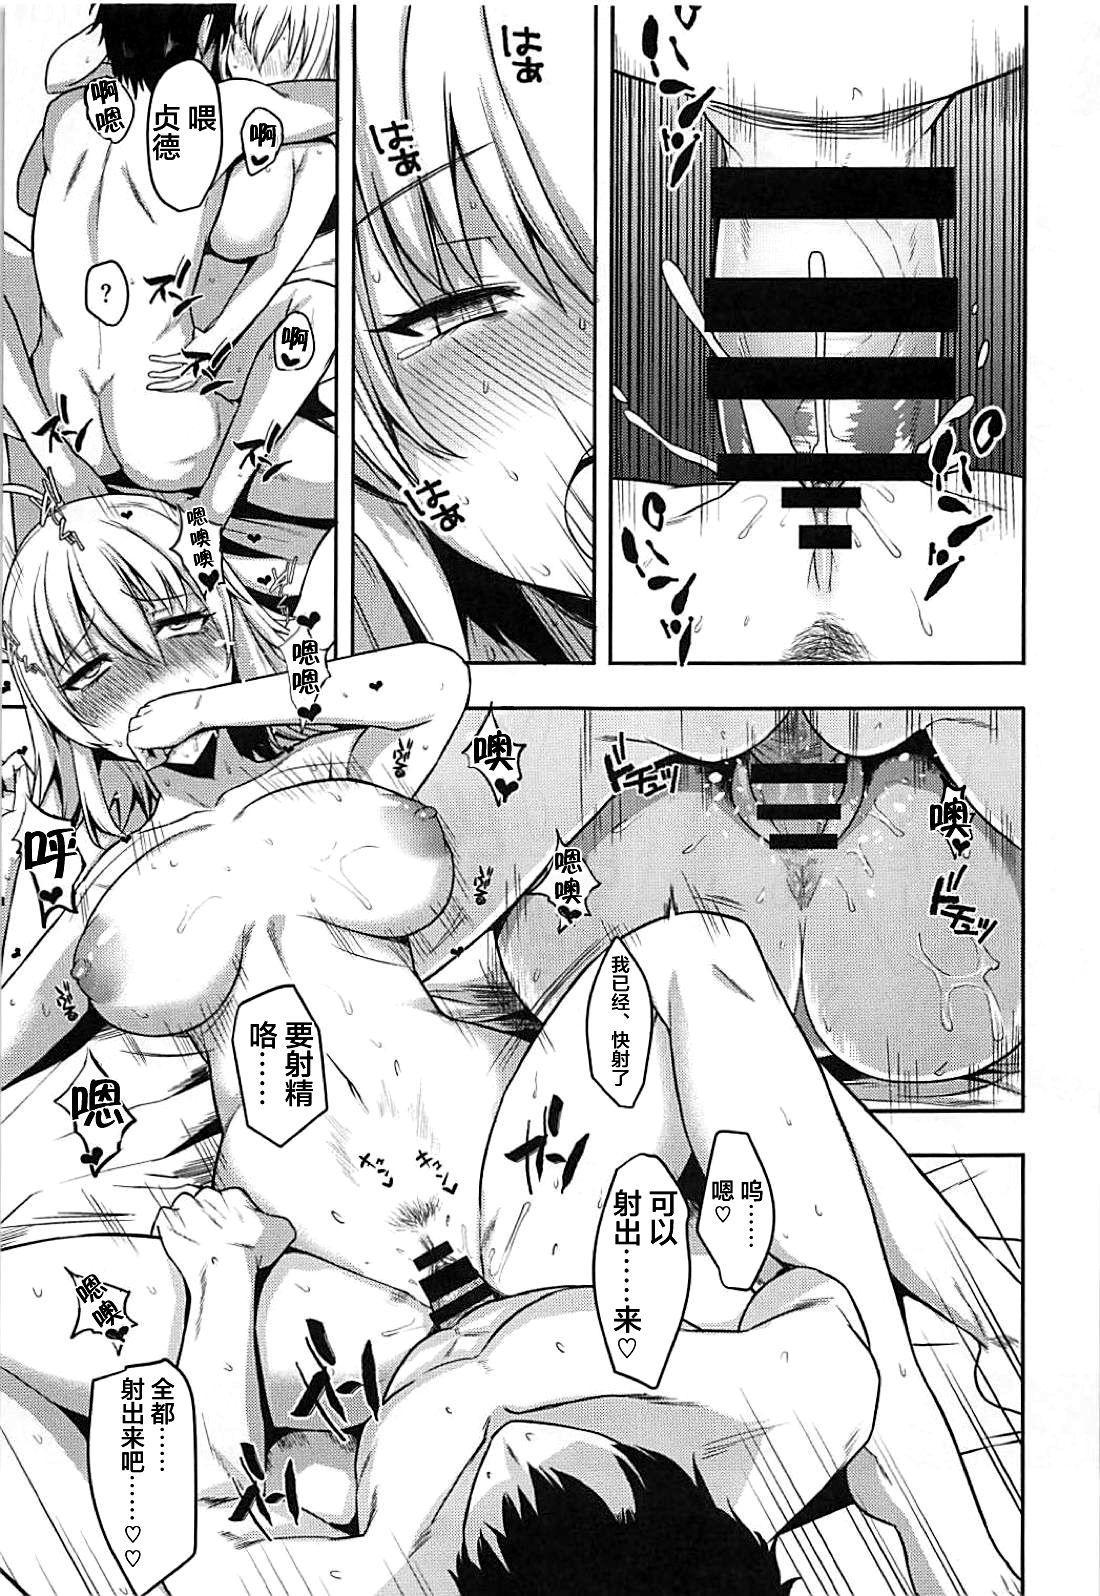 Jeanne to Ippaku Futsuka Ryokou Shitemita 24